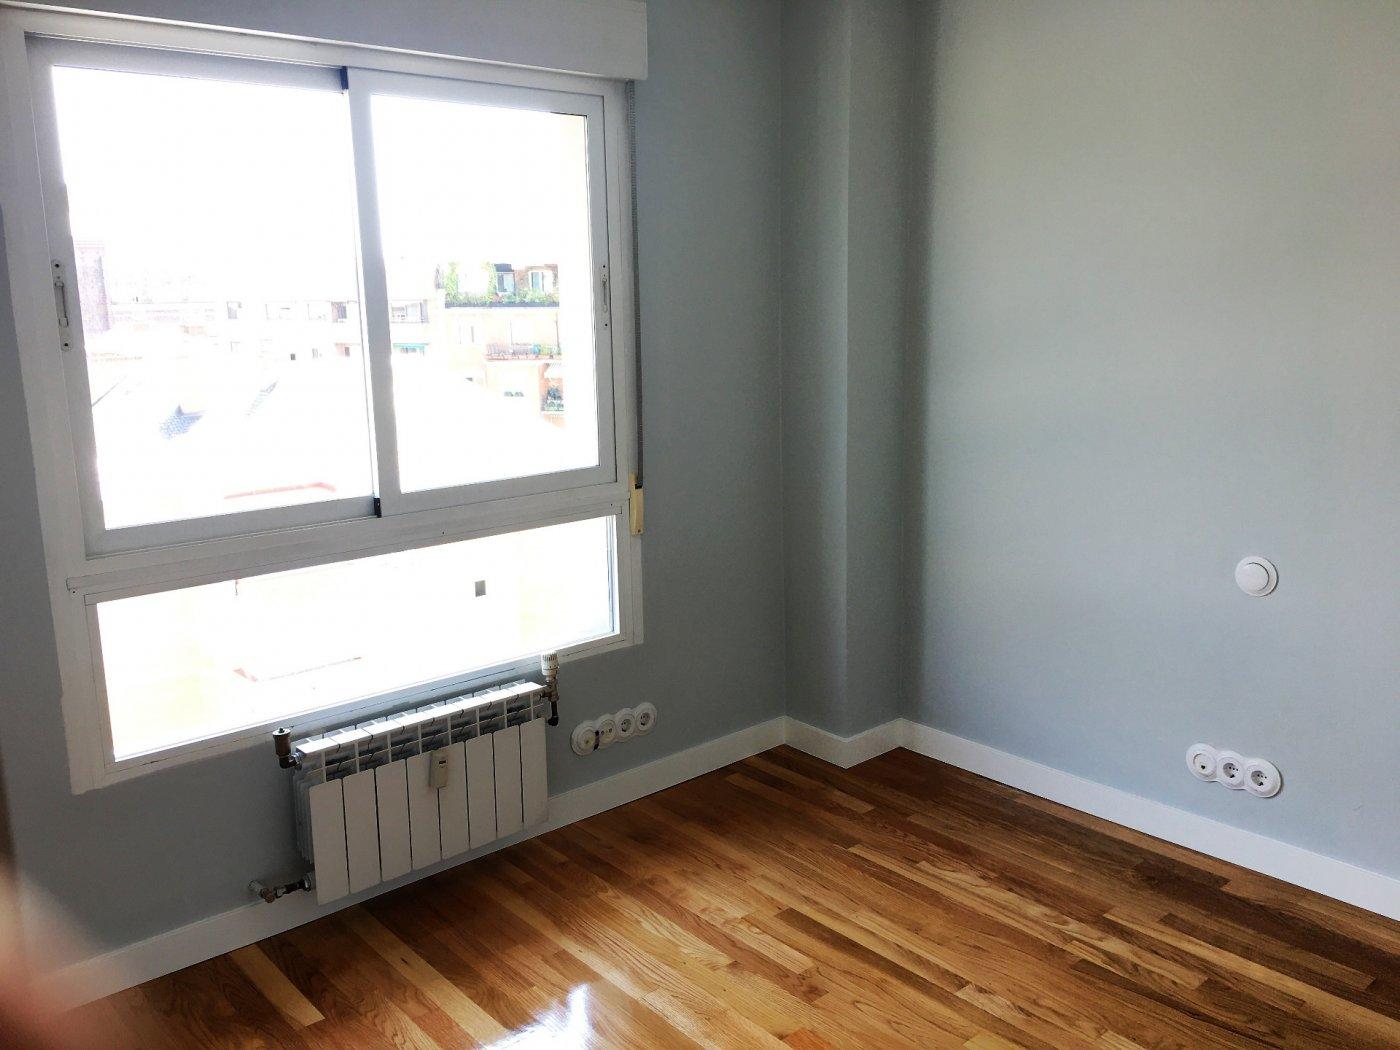 Alquiler de piso en madrid - imagenInmueble19